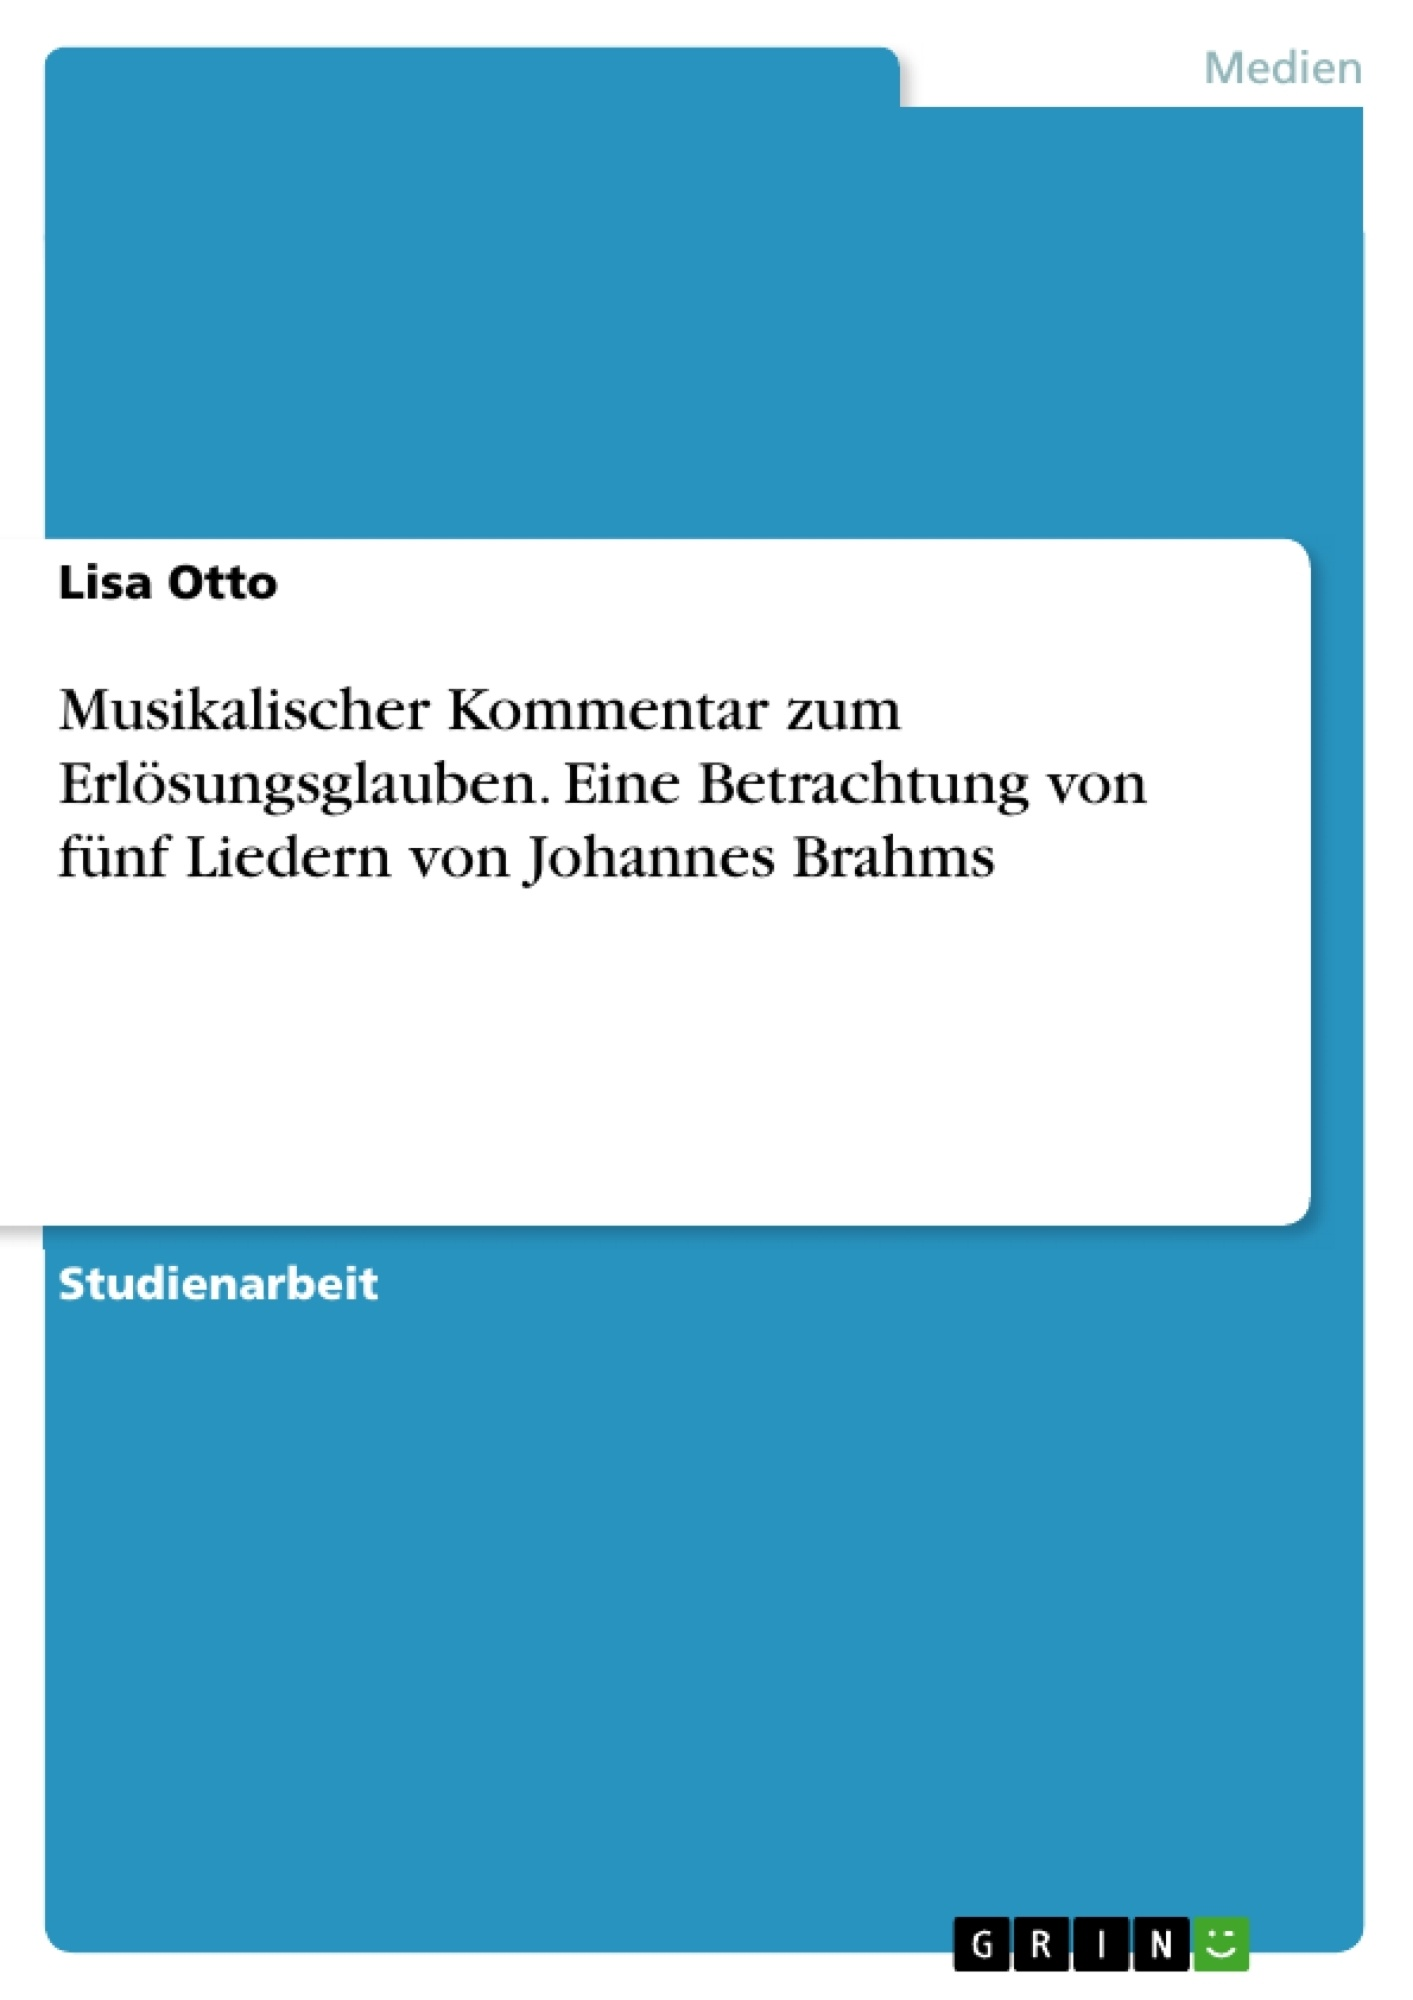 Titel: Musikalischer Kommentar zum Erlösungsglauben. Eine Betrachtung von fünf Liedern von Johannes Brahms